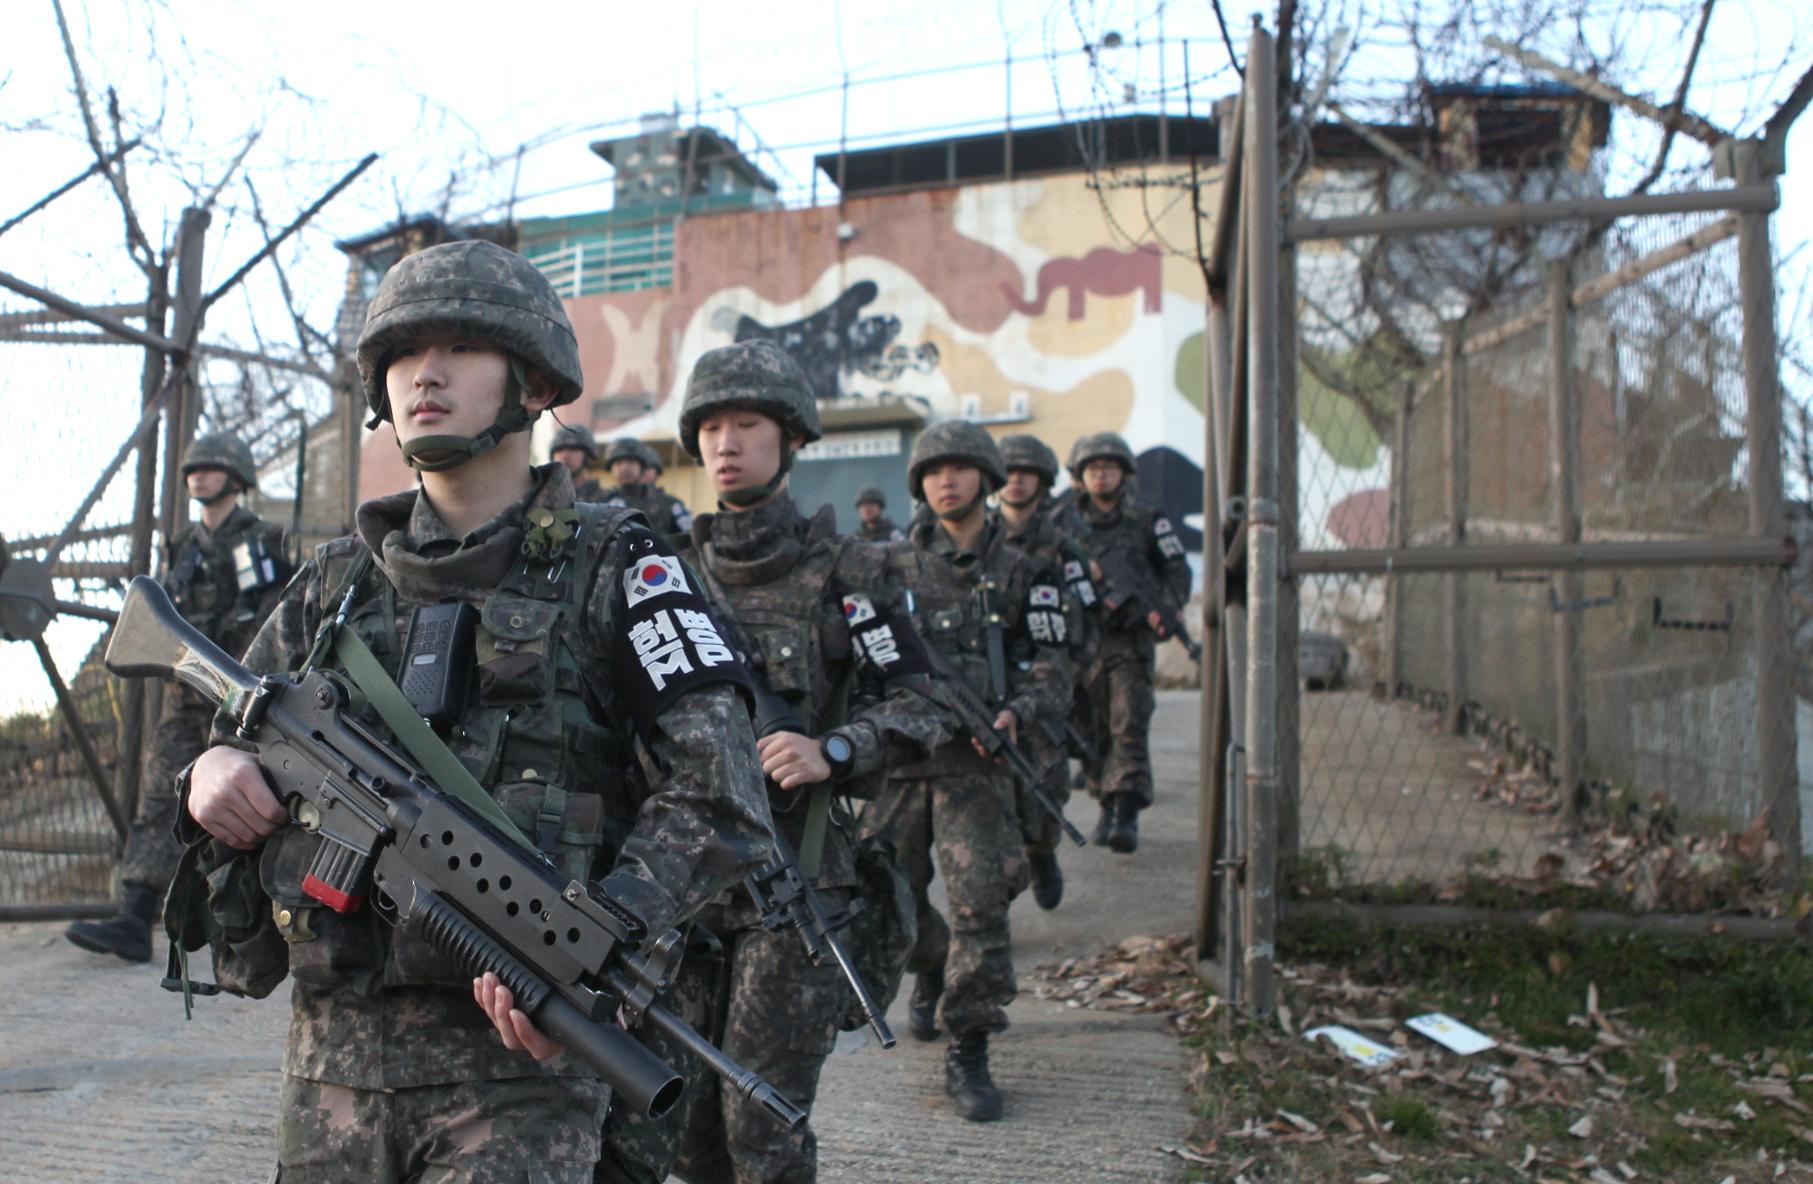 헌병들 총들고 GP에서 철수해...남북 DMZ 22곳 GP 병력 및 화기 철수 완료해...